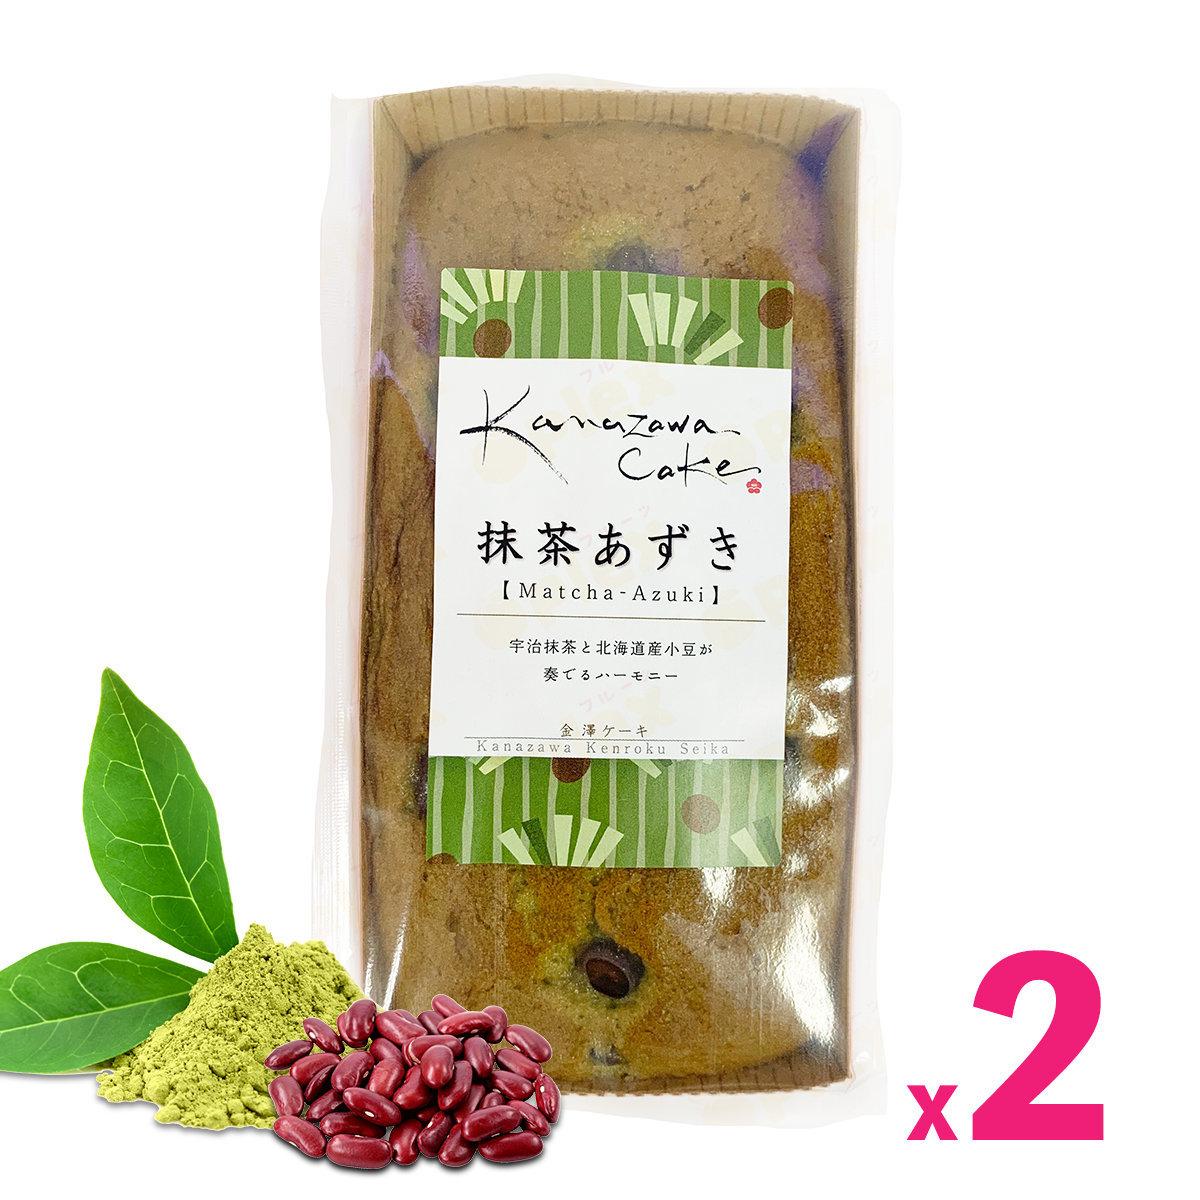 金澤手作蛋糕 - 抹茶紅豆味 x 2